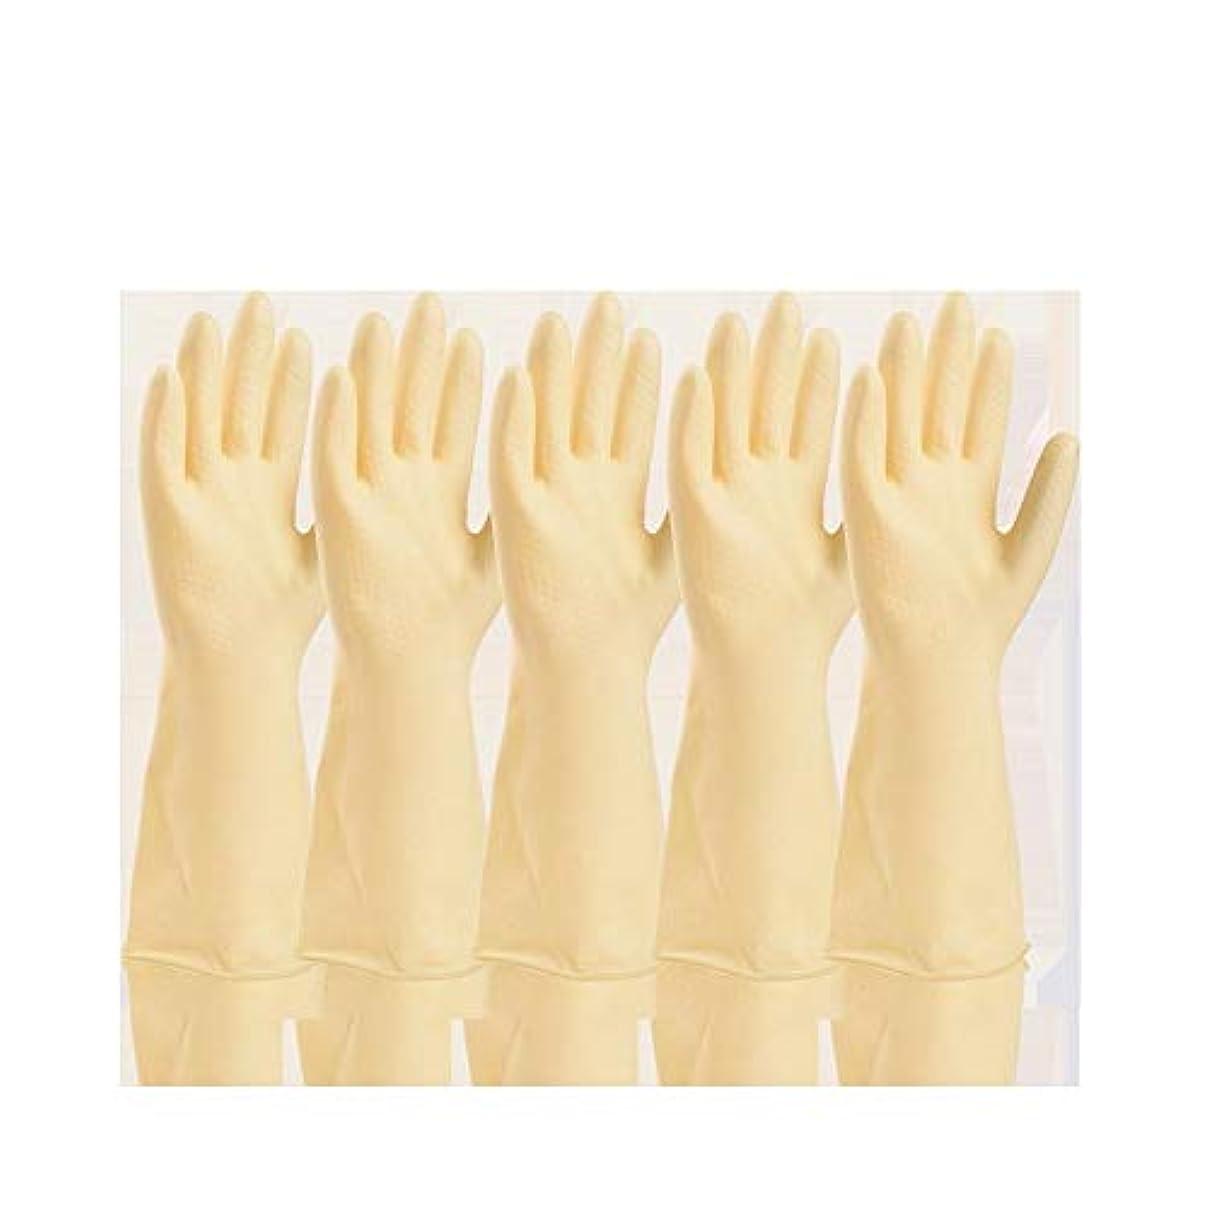 パンフレット囲い教え使い捨て手袋 工業用手袋厚手のプラスチック製保護用耐水性防水ラテックス手袋、5ペア ニトリルゴム手袋 (Color : White, Size : S)